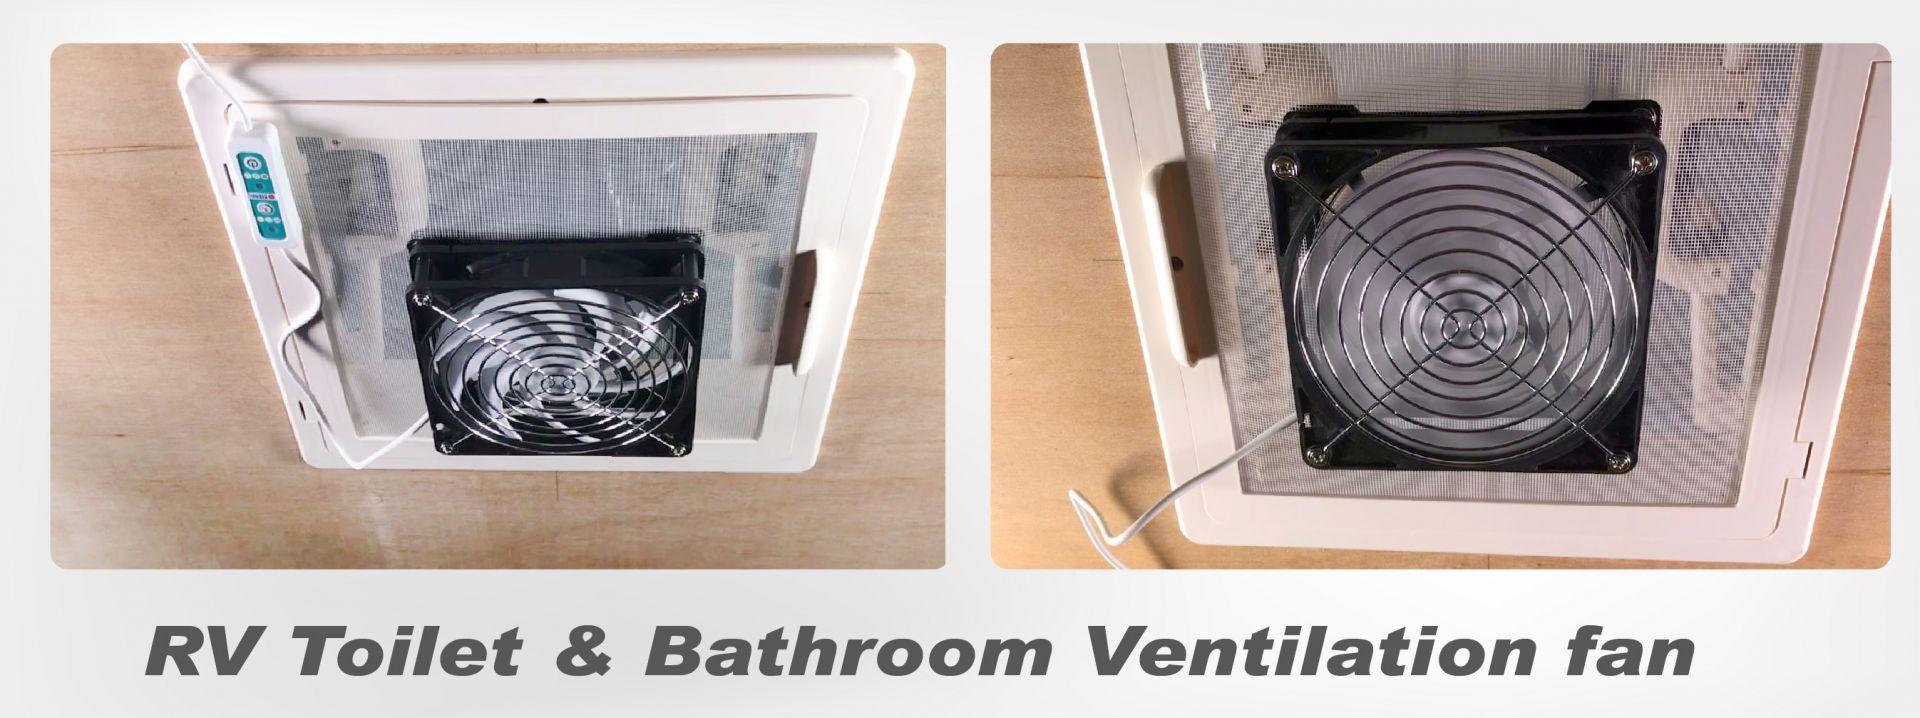 Zwei Metallrahmen zur Befestigung an der Fensterscheibe und am Fensterfilter auf dem Dach der Toilette